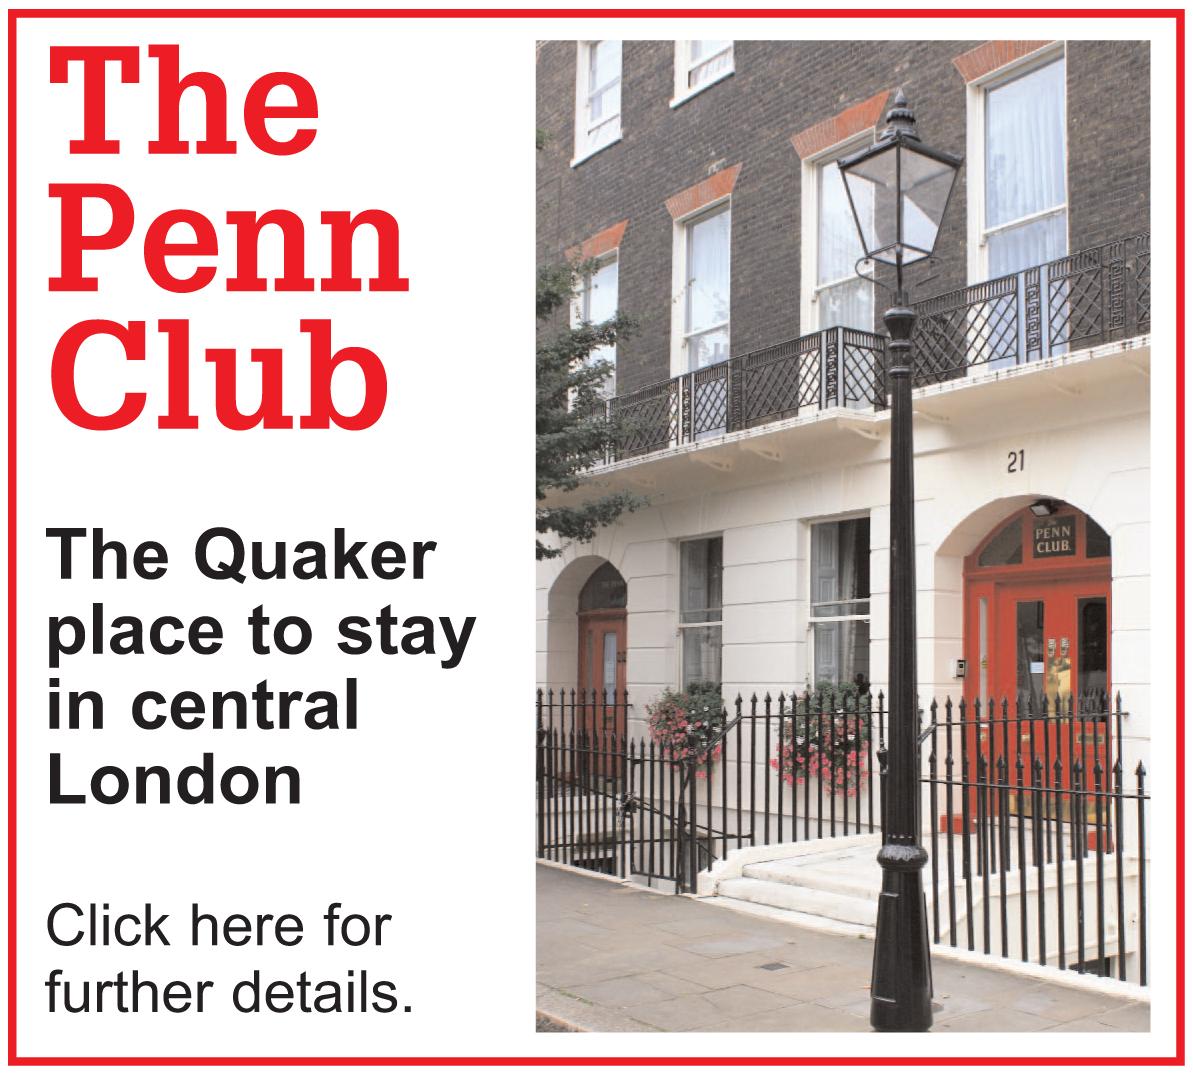 The Penn Club